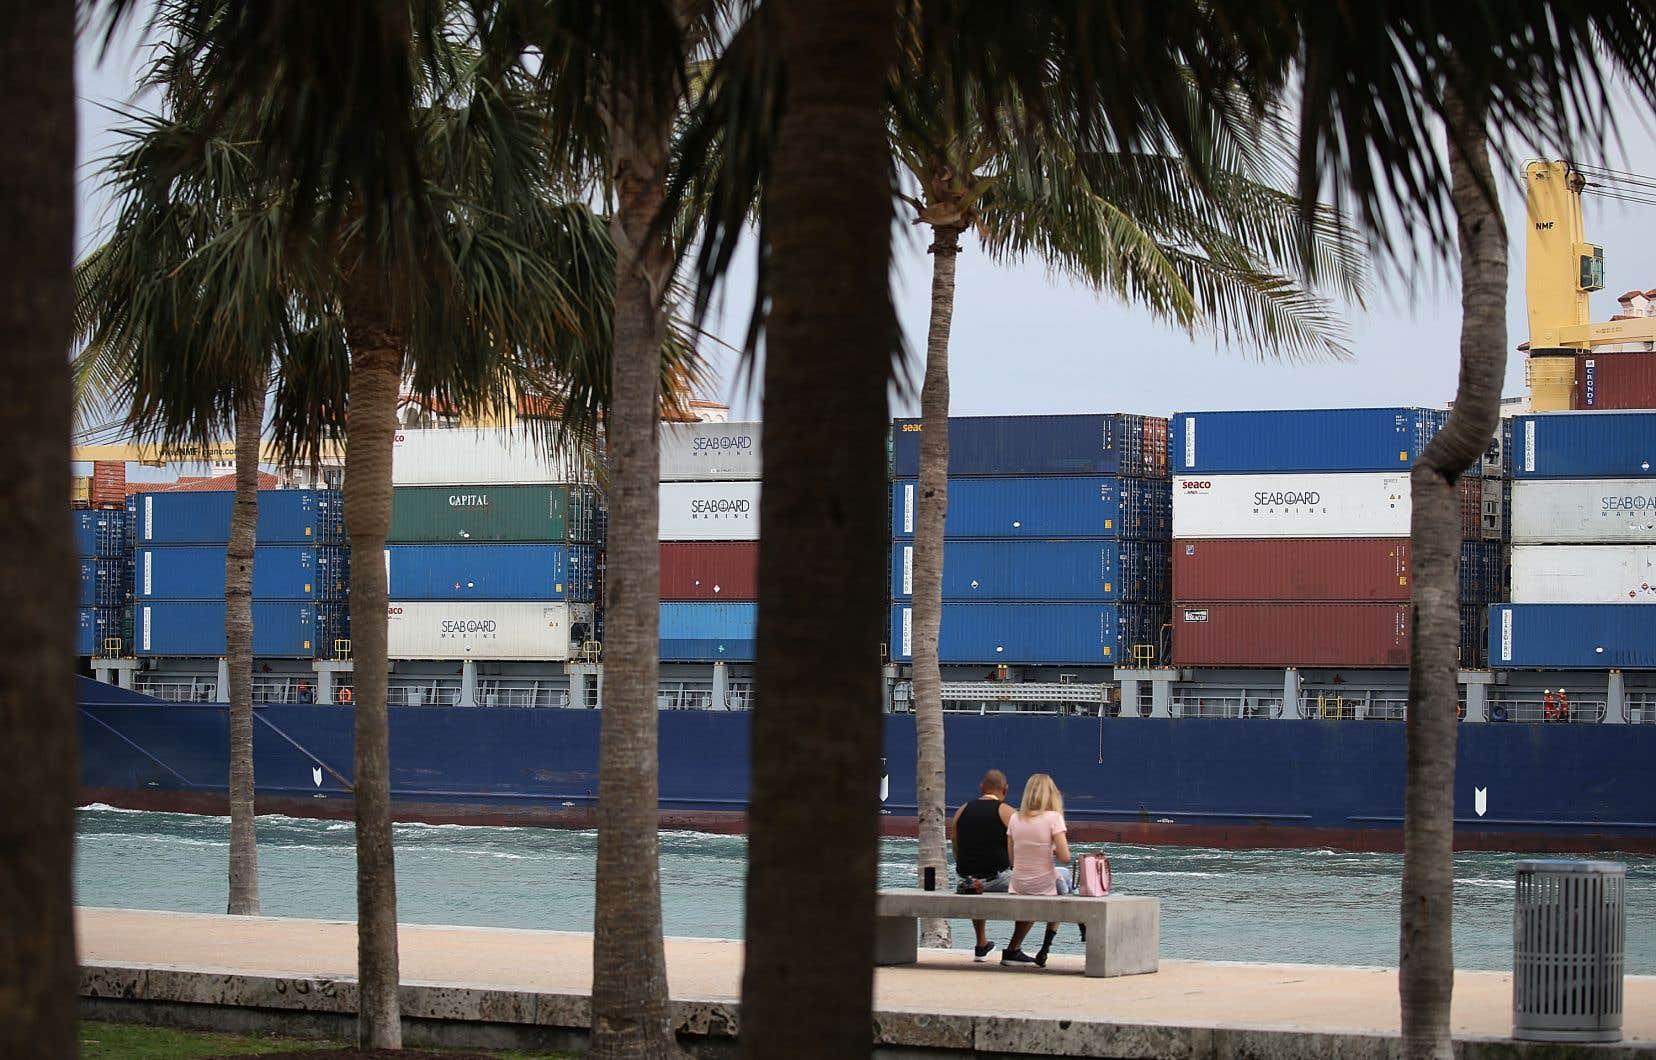 Le déficit commercial des États-Unis a diminué en mars, pour la première fois en sept mois, sous l'effet d'exportations records, notamment vers la Chine. Sur la photo, un porte-conteneurs quitte le port de Miami, le 27 avril dernier.